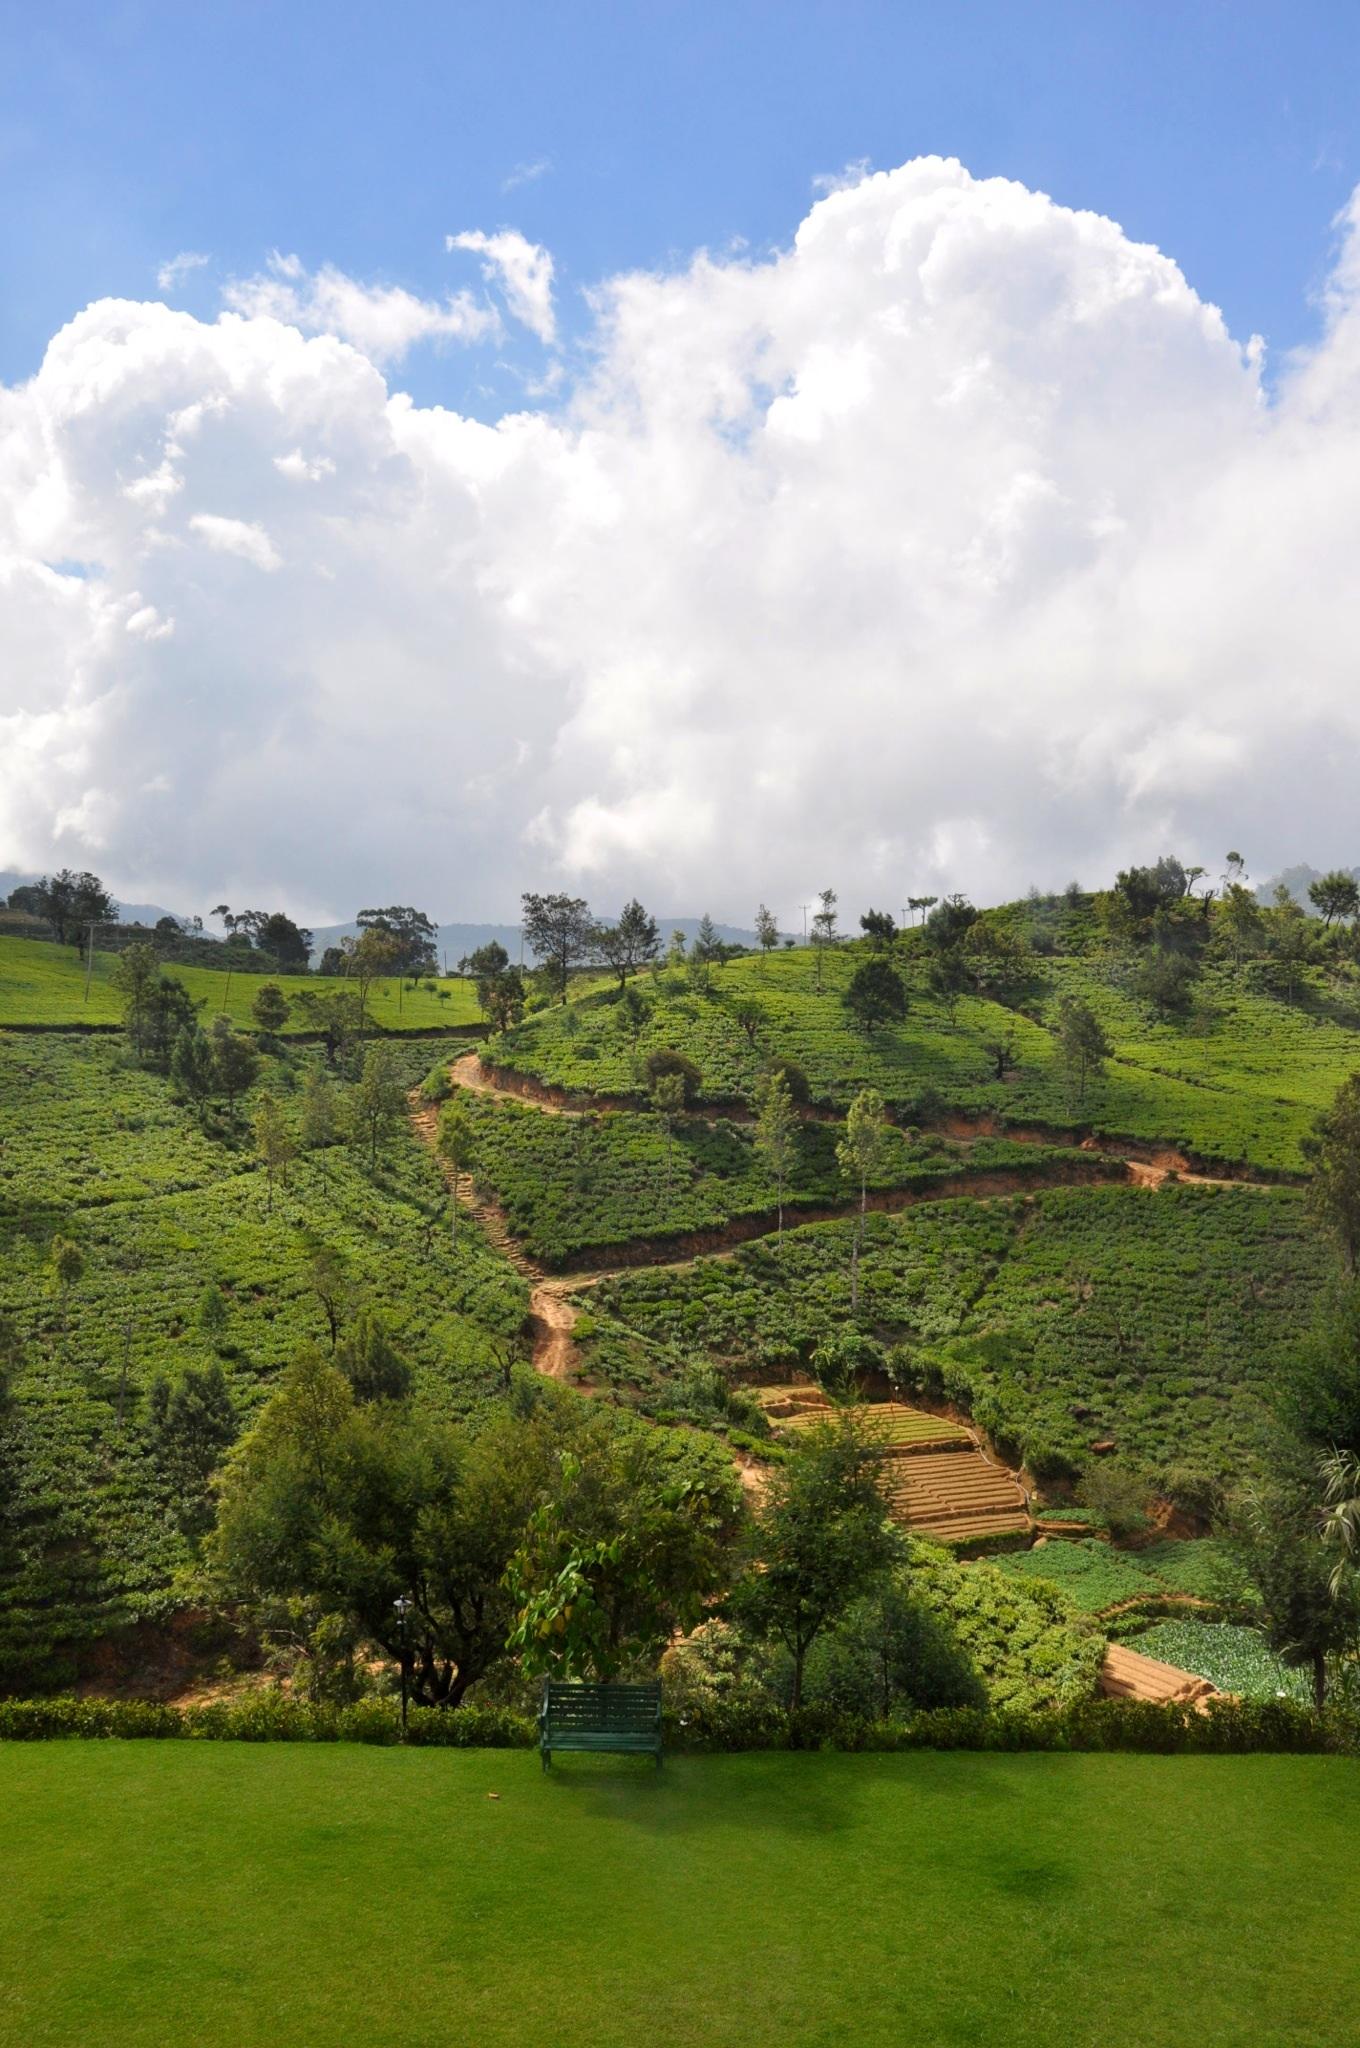 No shortage of tea bushes